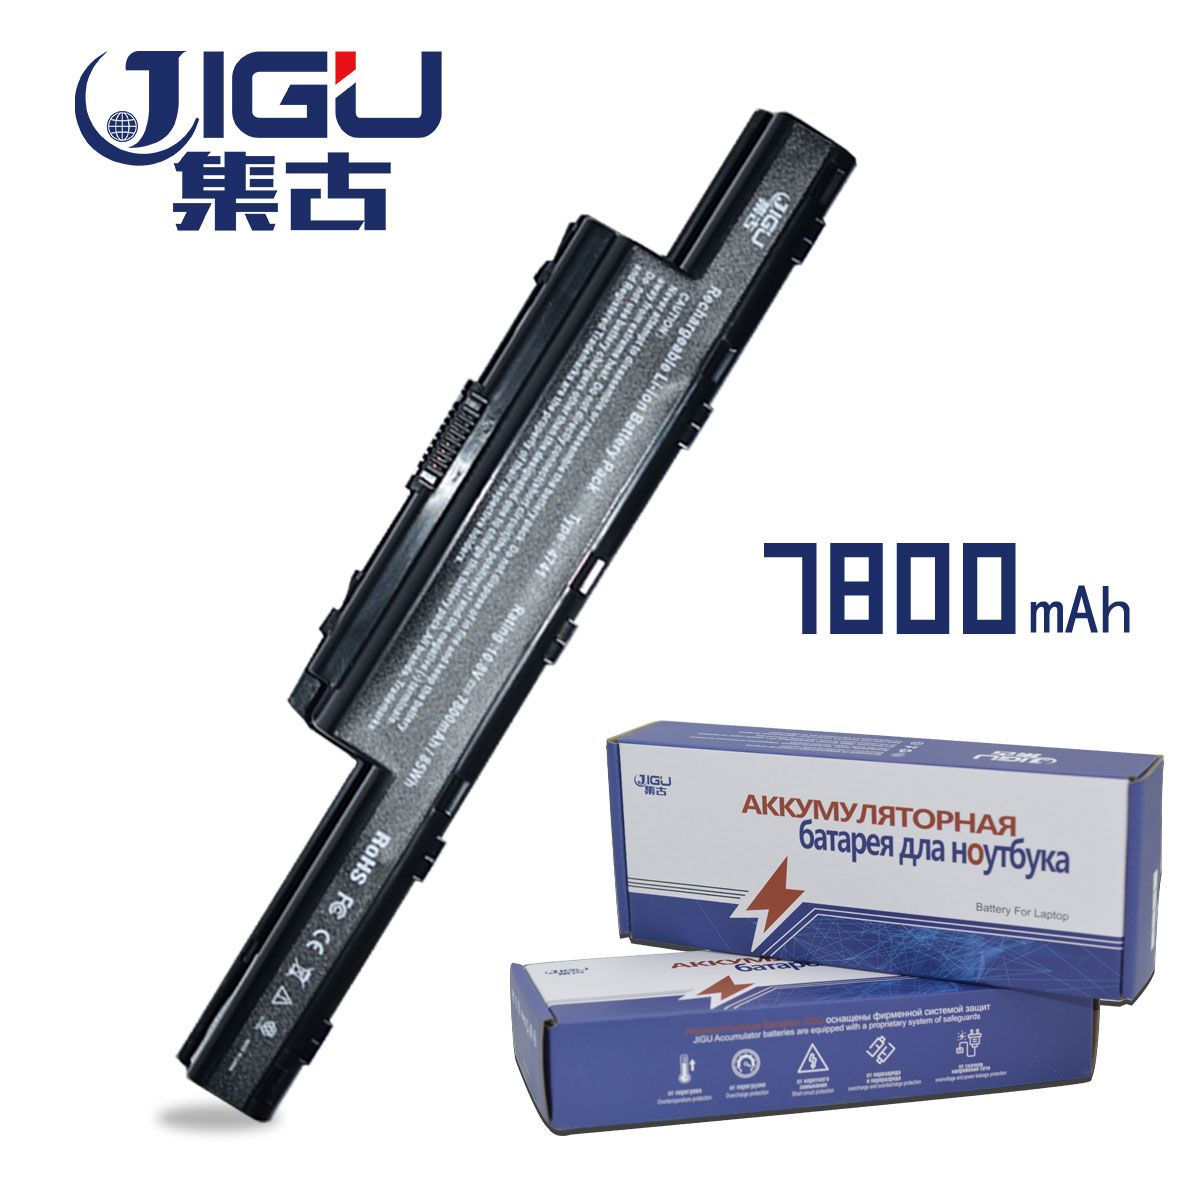 JIGU 7750g New Laptop Battery For Acer Aspire 4551G 4741 5251 5253 5551 5551G 5741 5741G 5742 5742G 5750 As10d75 Battery недорго, оригинальная цена